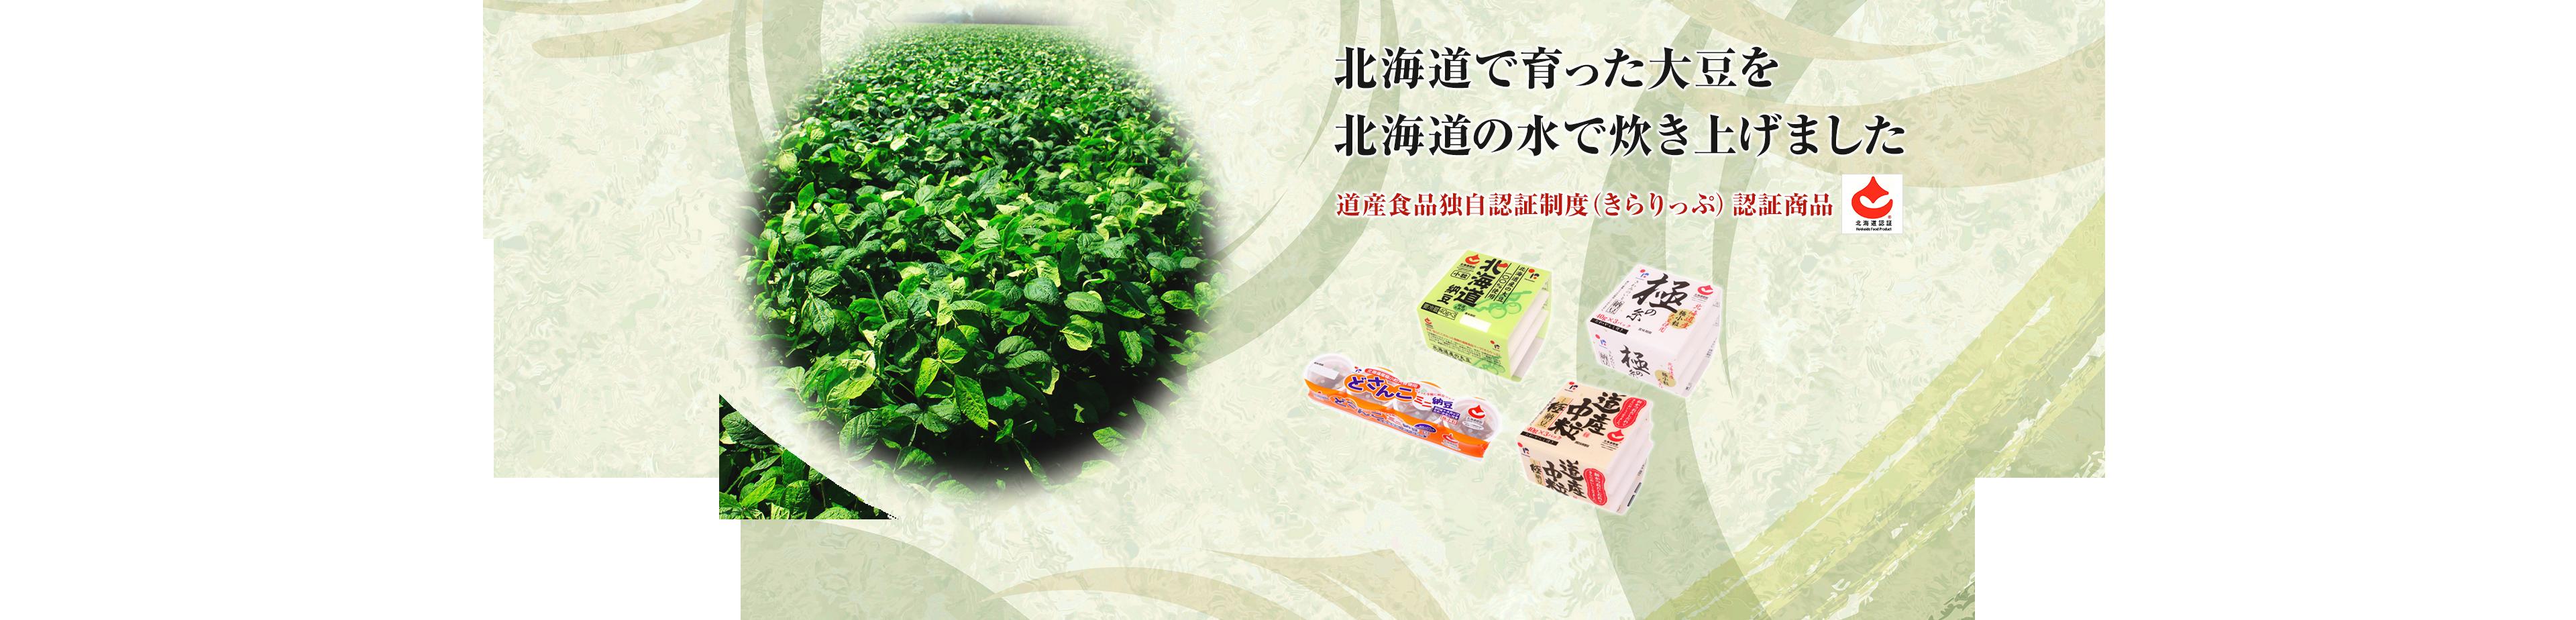 北海道で育った大豆を北海道の水で炊き上げました